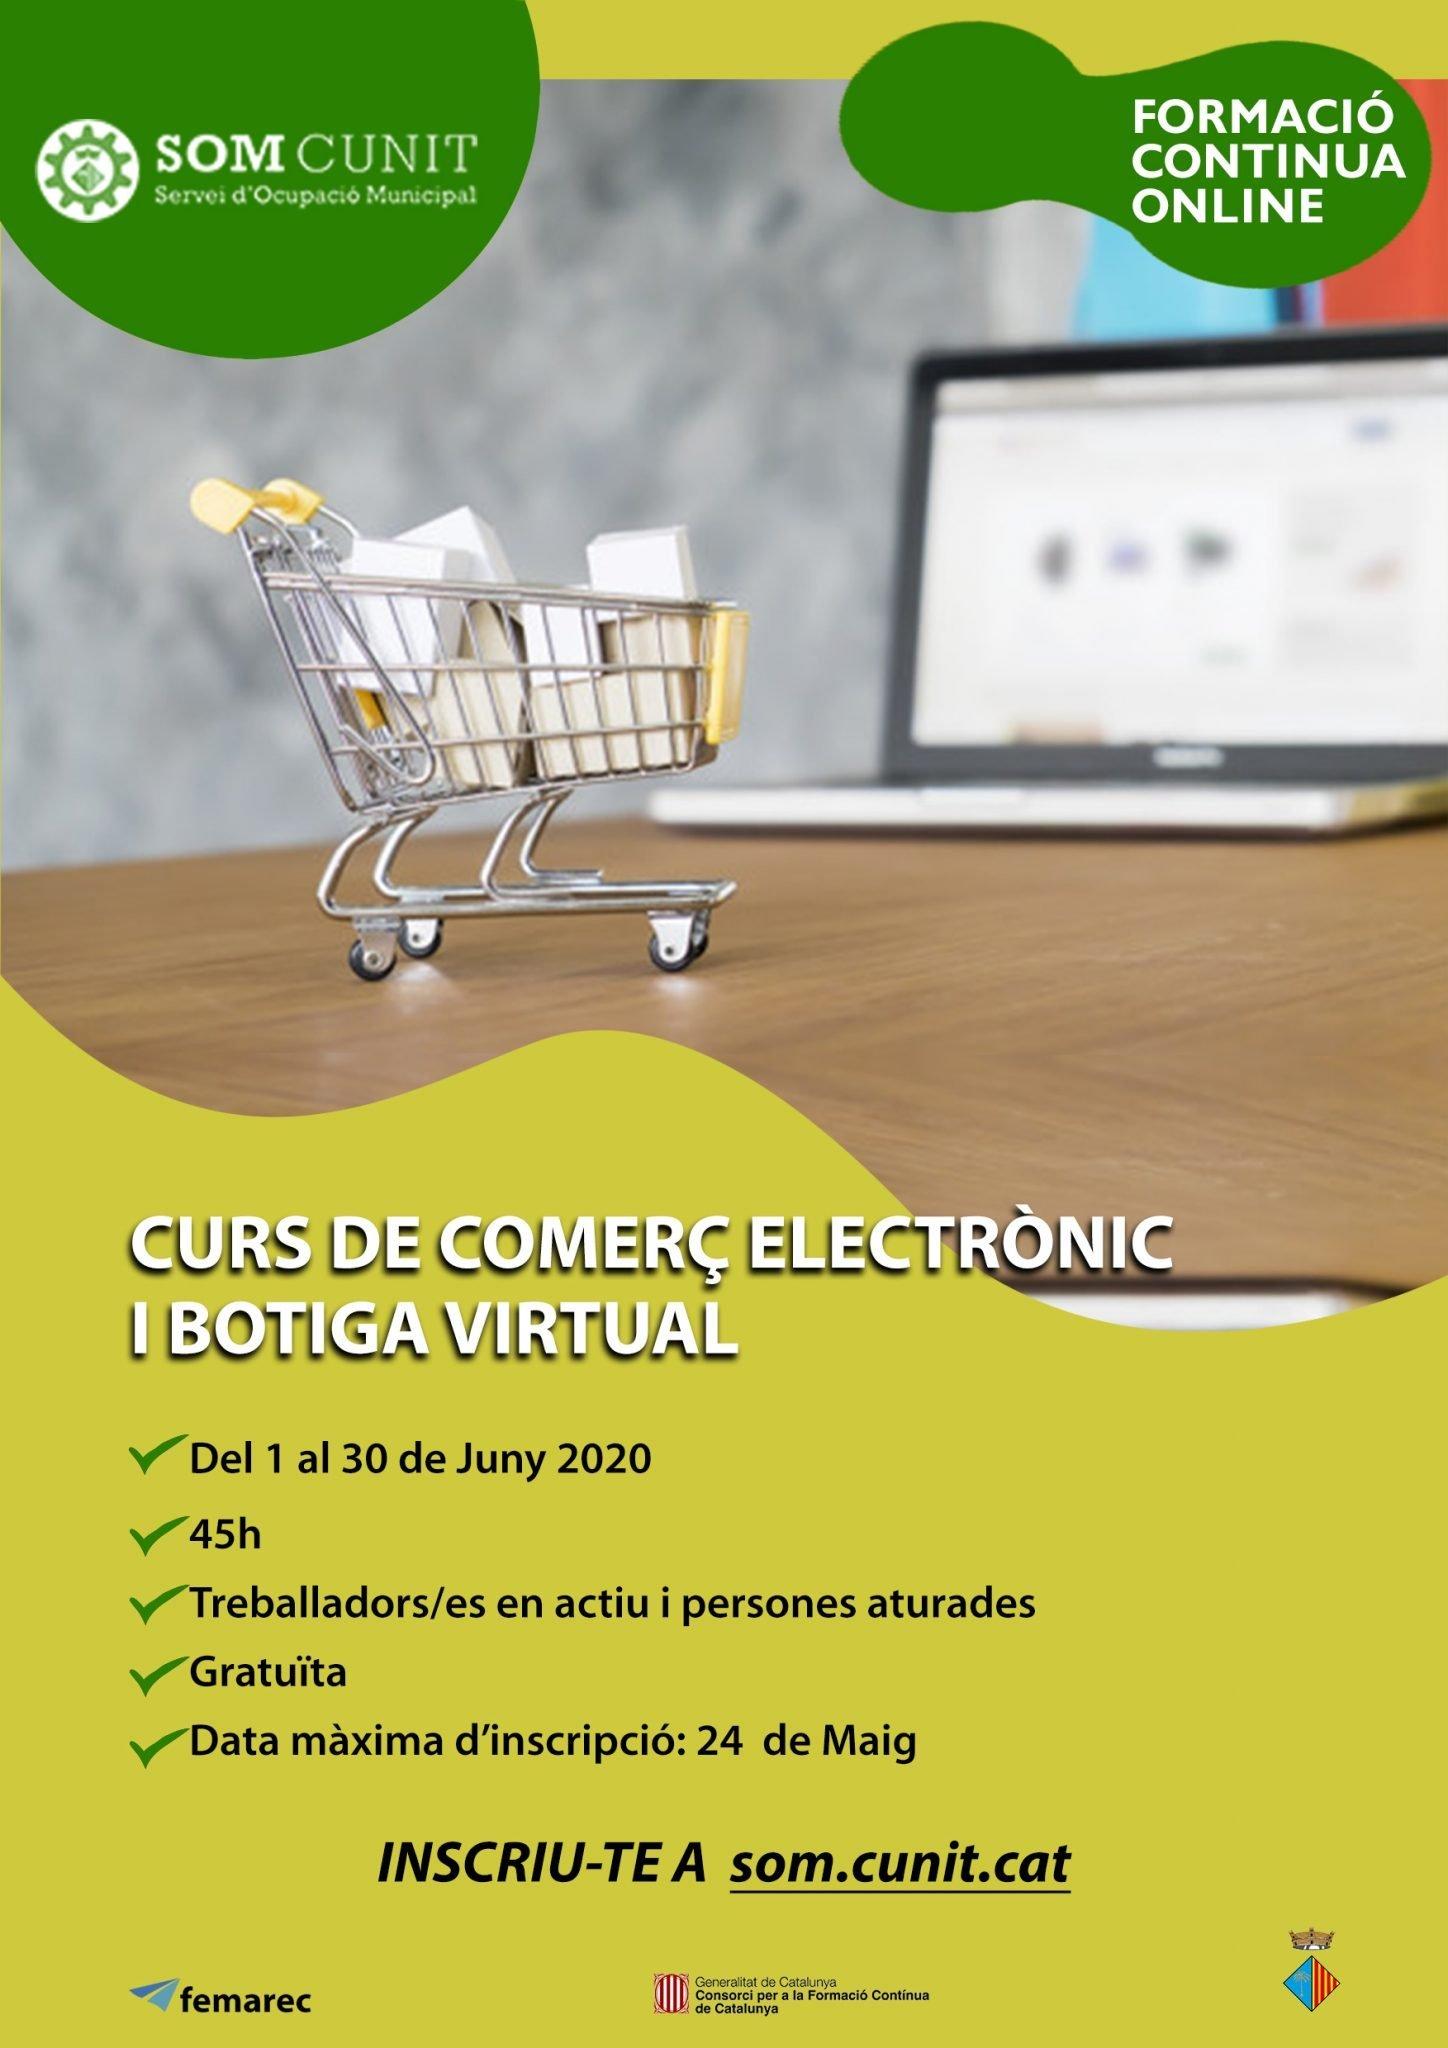 Obert el període d'inscripció de: Comerç electrònic i botiga virtual (45h)